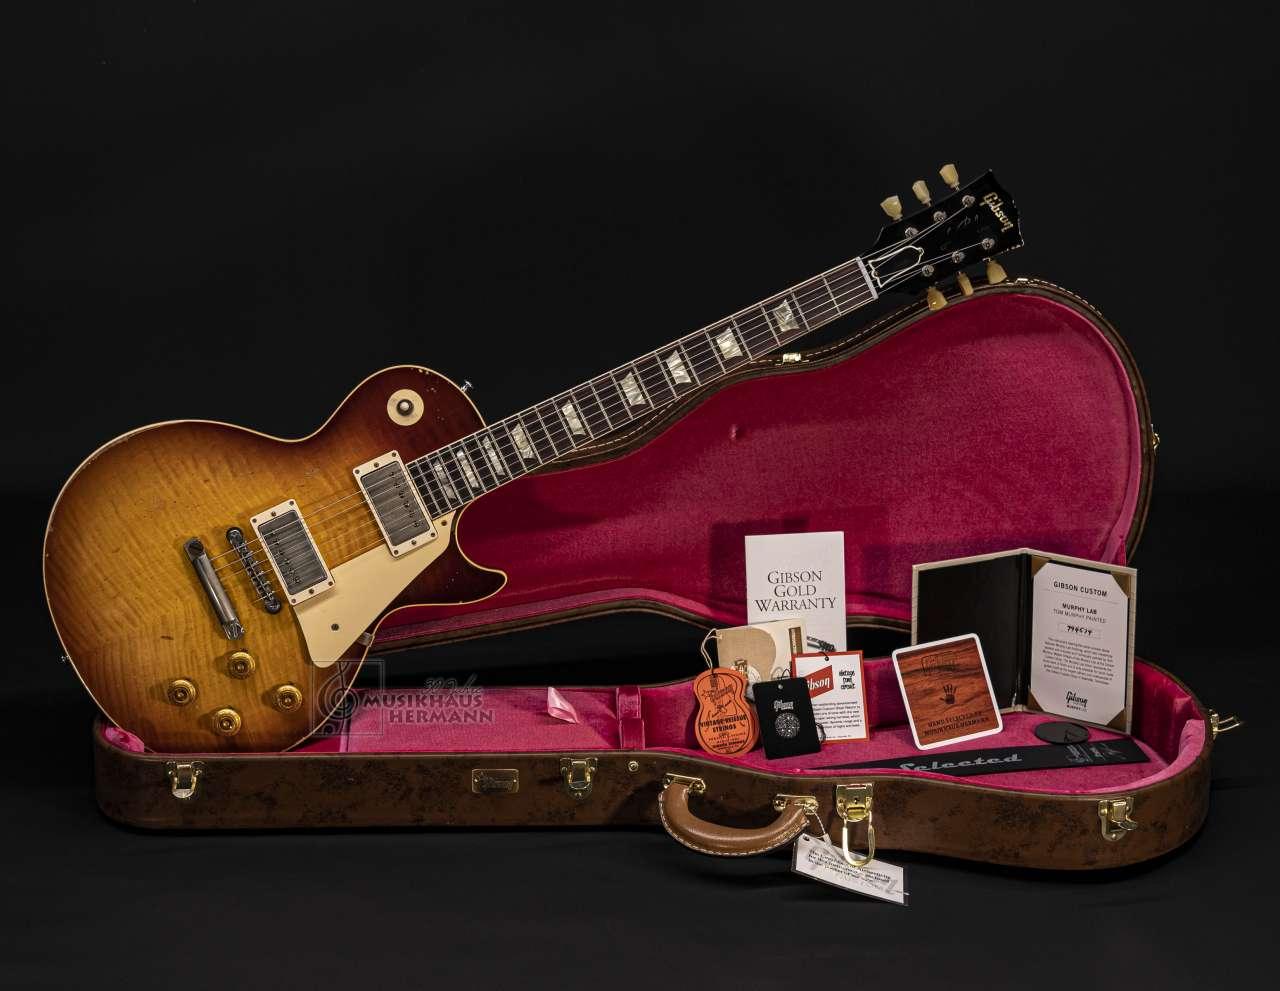 Gibson Les Paul 1959 Tom Murphy Painted & LAB Aged - Murphys TEA TIME LPR59M2M14524